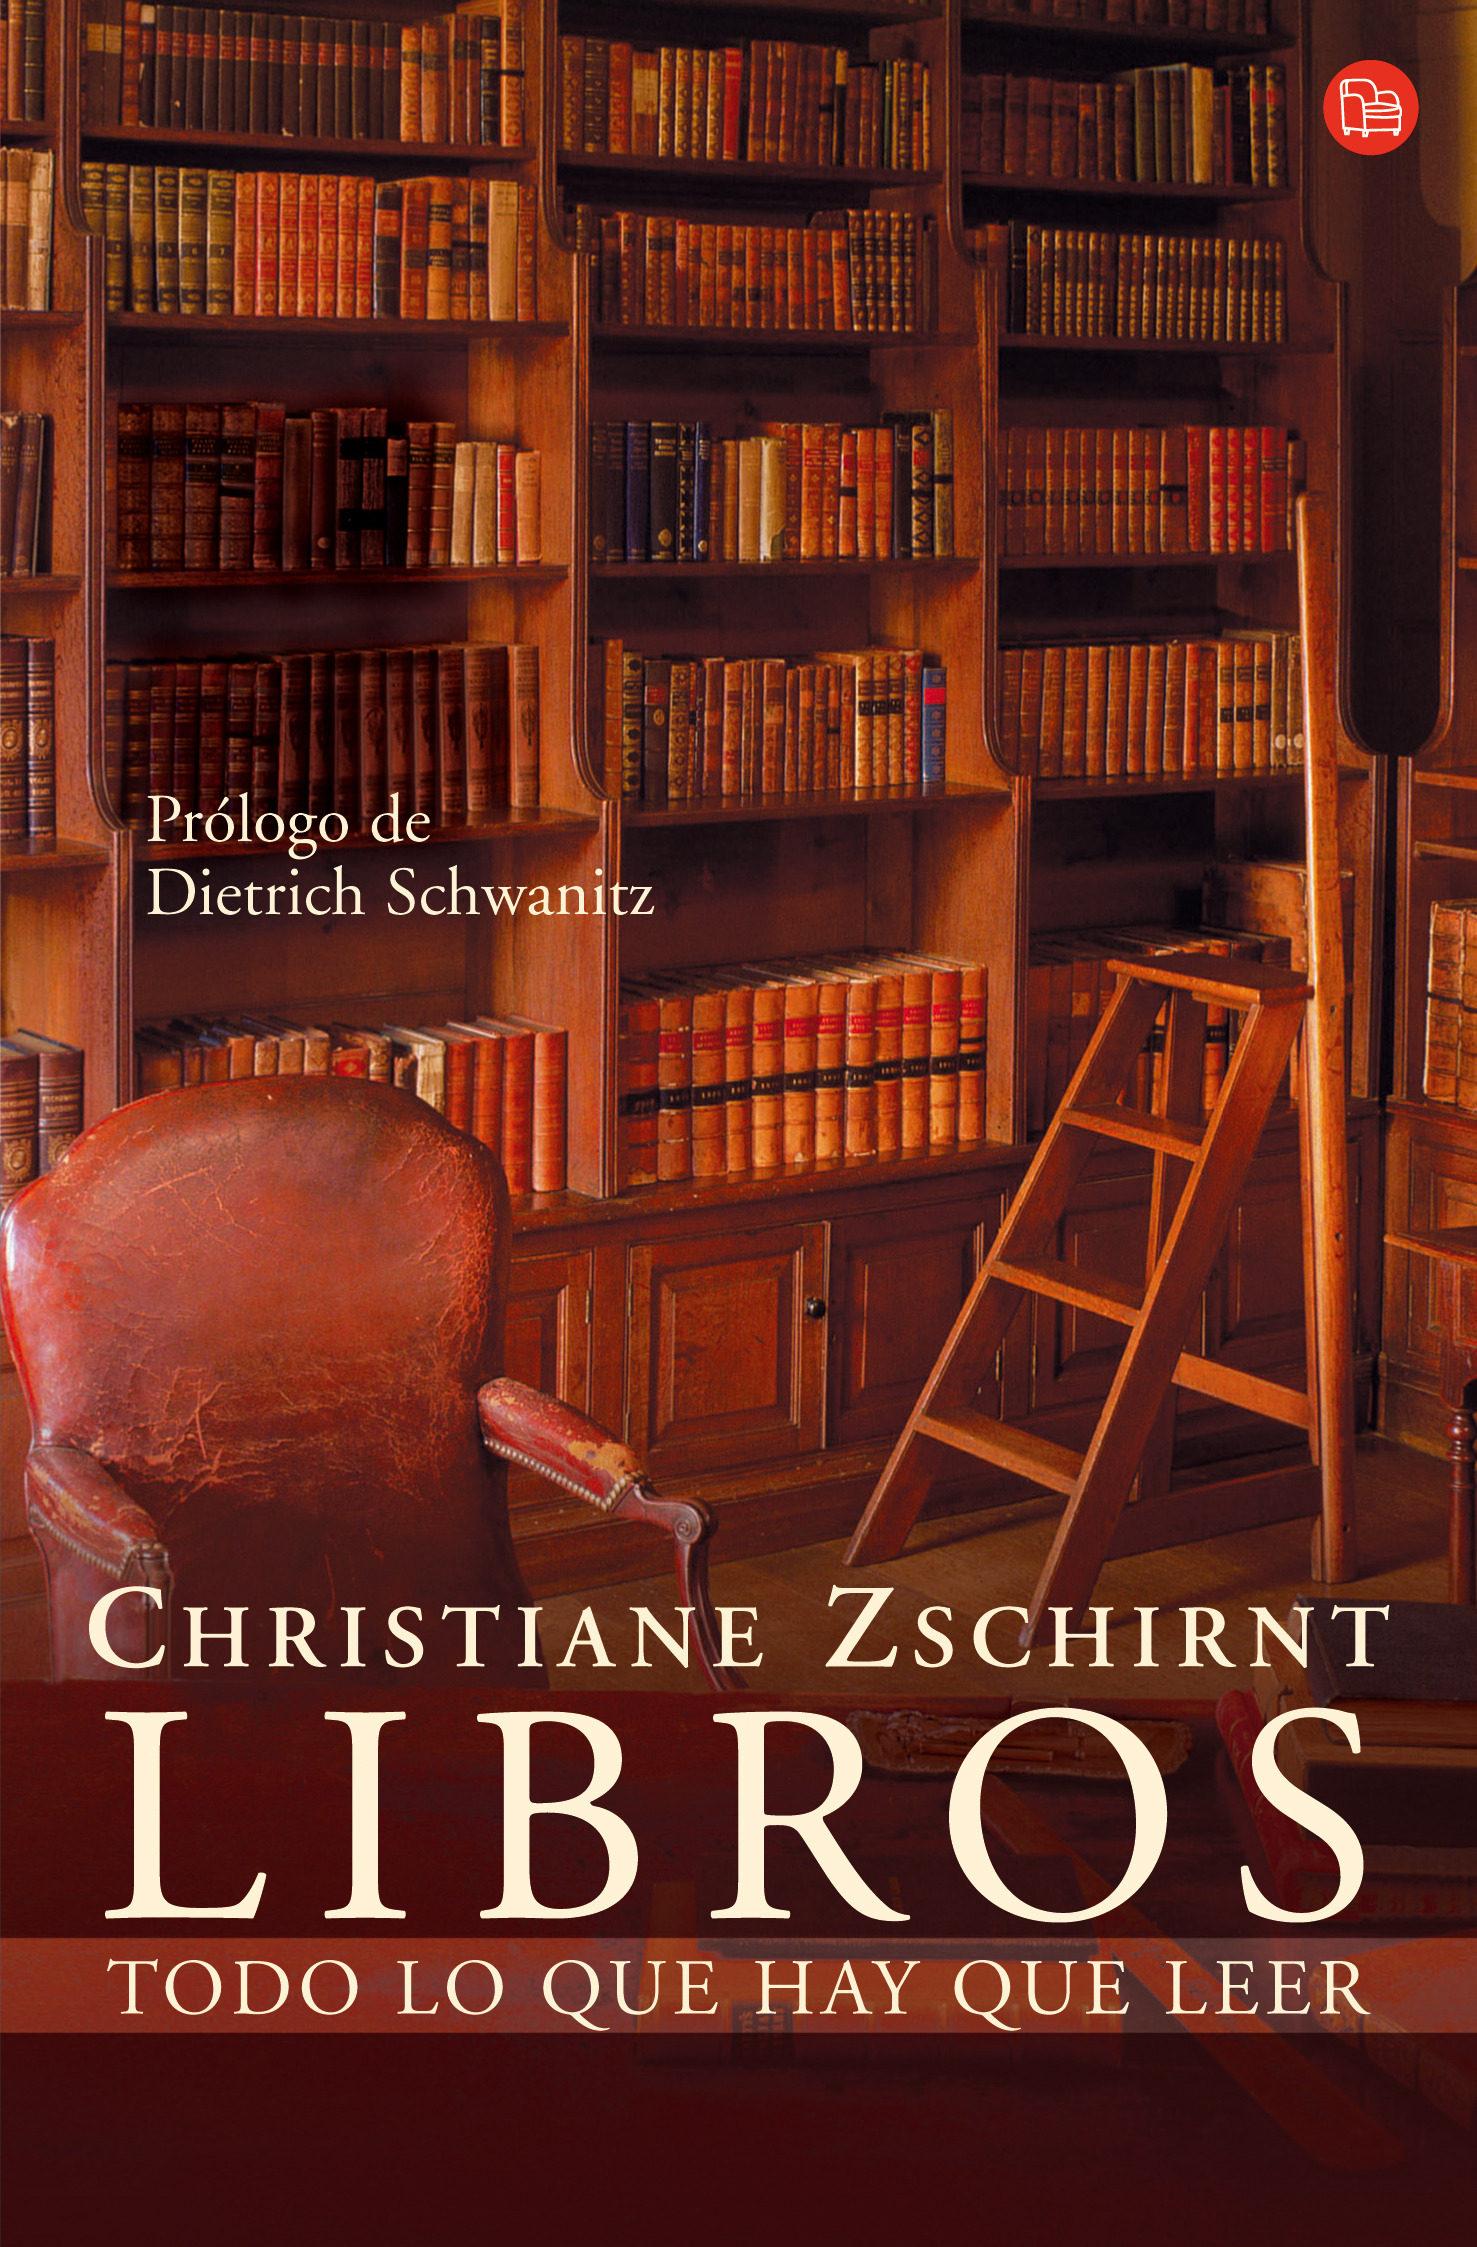 Libros: Todo Lo Que Hay Que Leer por Christiane Zschirnt epub